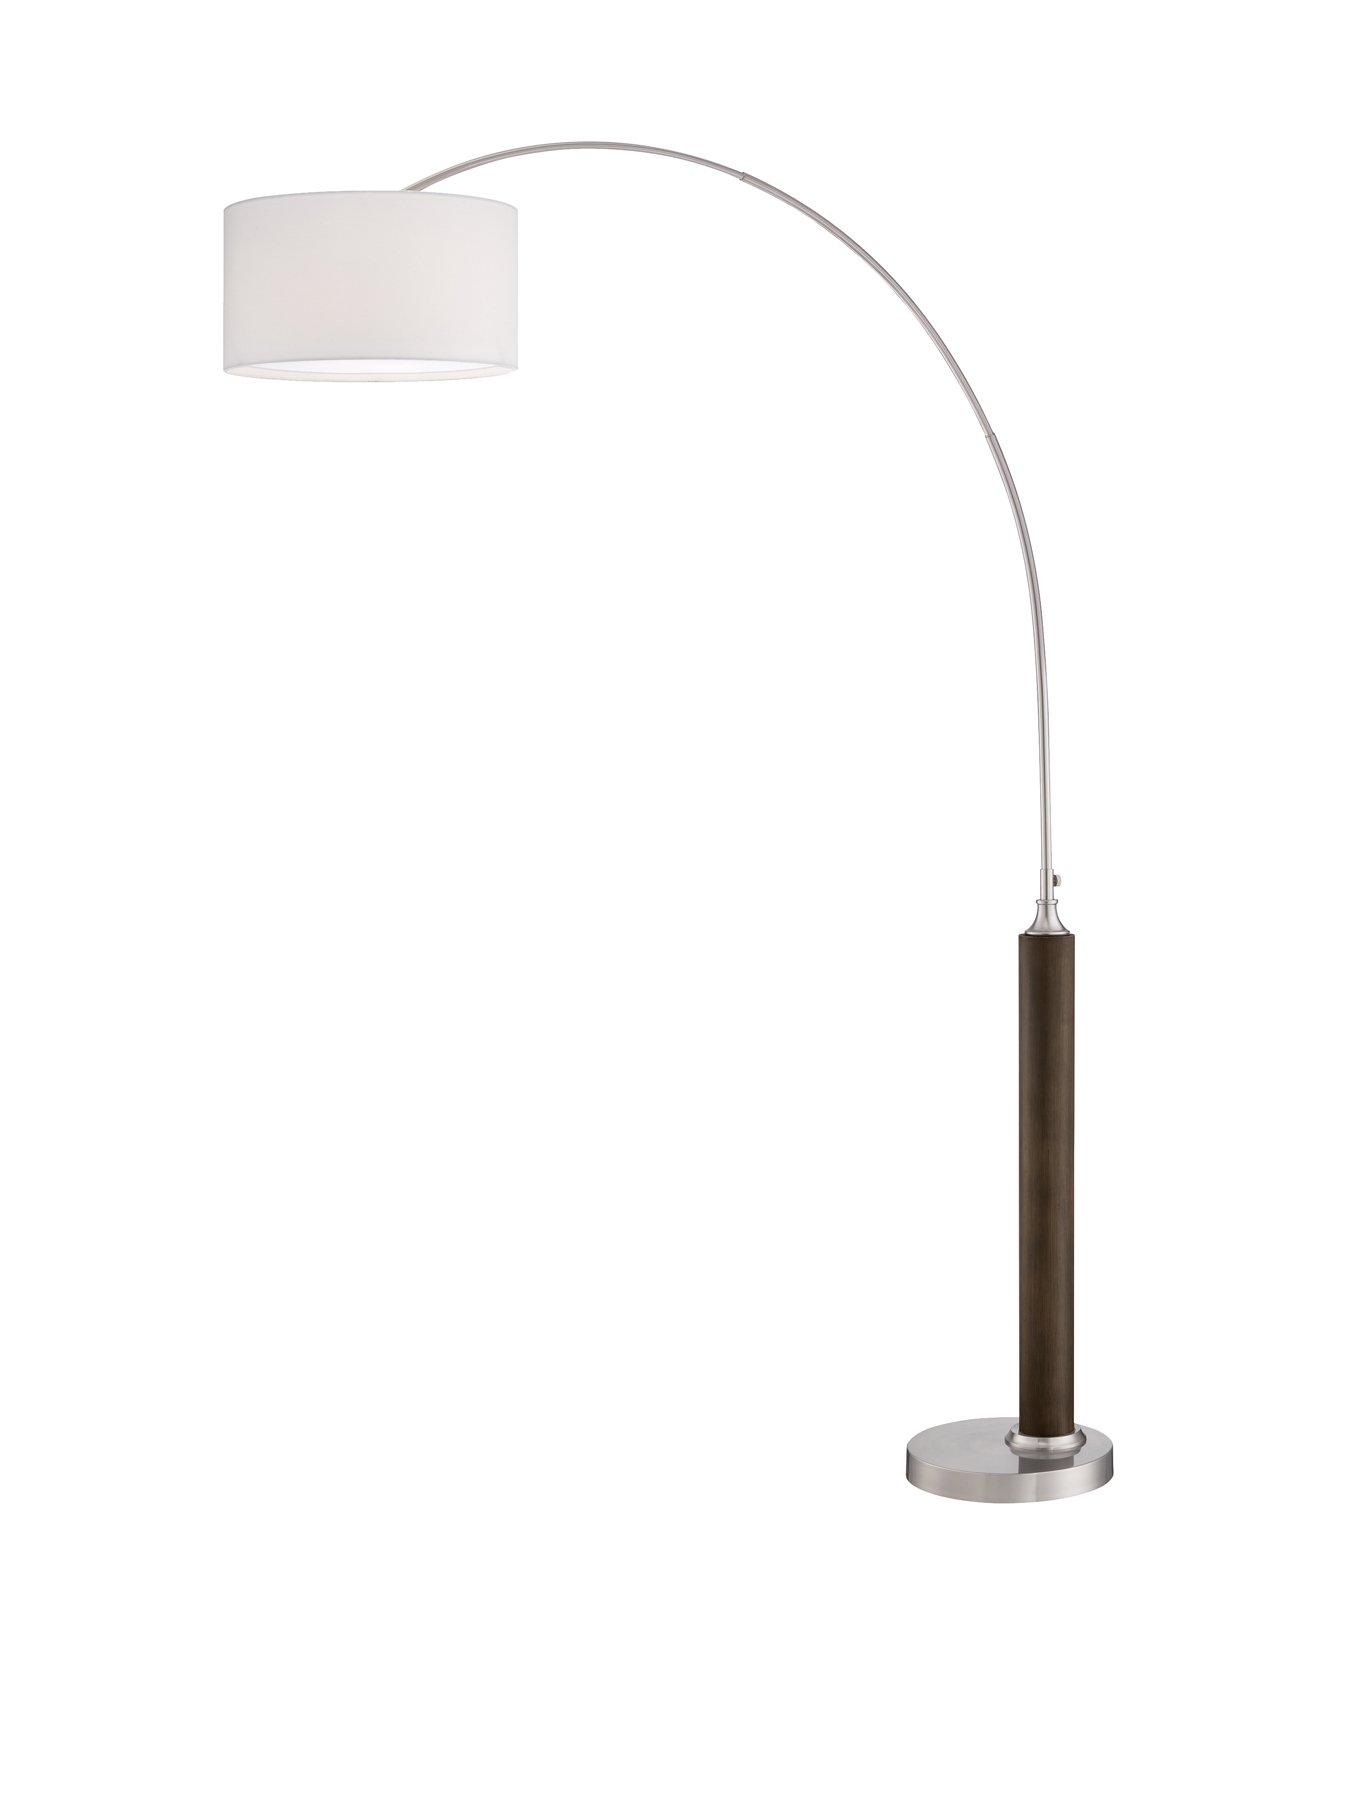 Cracker Barrel Arc Lamp